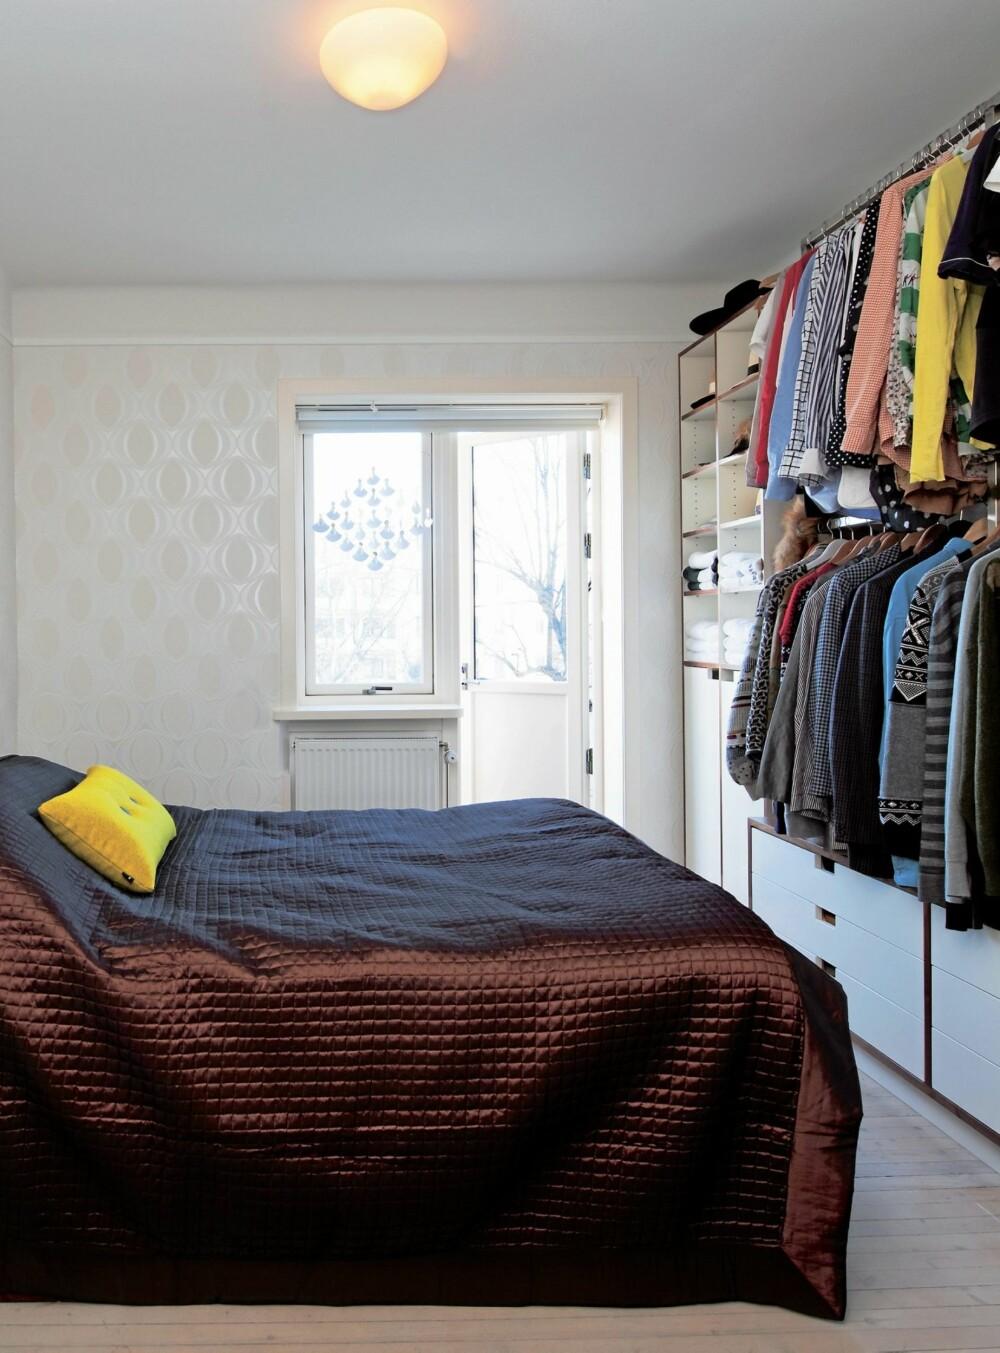 SKJULEFUNKSJON.  Til daglig skjules de dype skuffene av et sengeteppe fra Illums, designet av Mette Ditmar. Sirlig gul pute Dot Steelcut, fra Hay, lyser opp. Beboerne er opptatt av kunst, men ville ha rolige vegger på soverommet. Engleuroen «Englekor 25» har fått plass i vinduet.